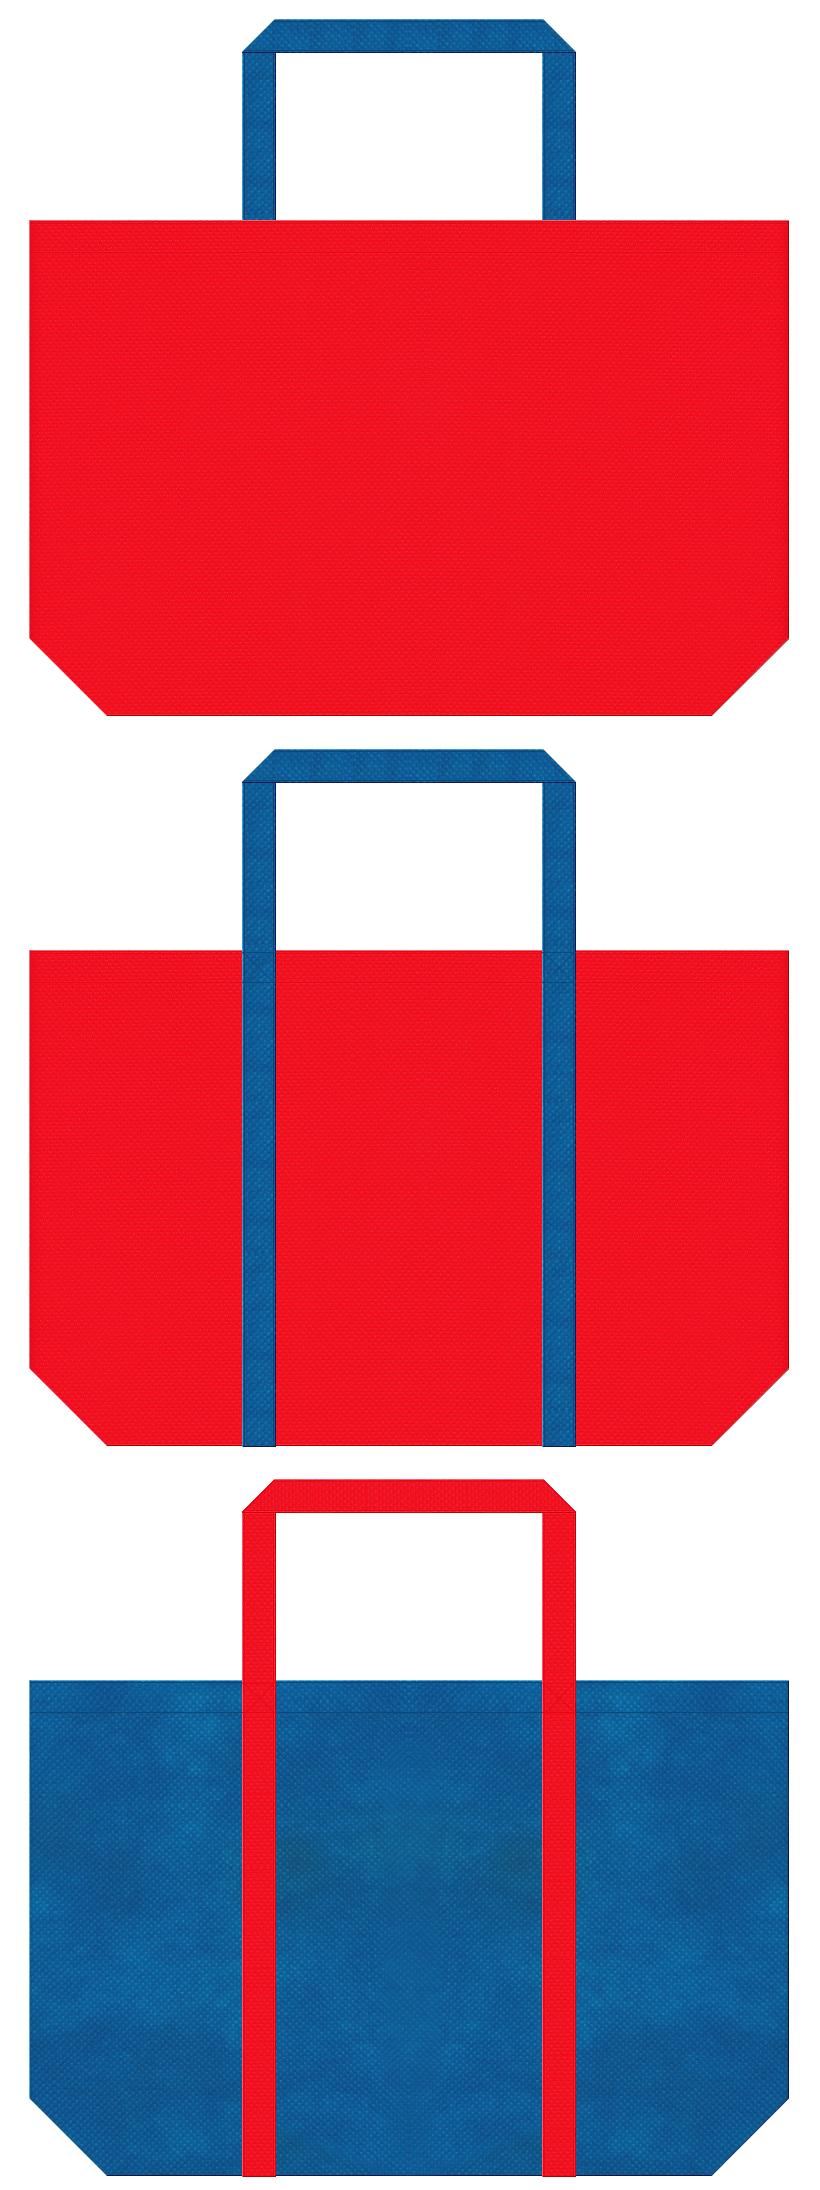 テーマパーク・キッズイベント・おもちゃの福袋にお奨めの不織布バッグデザイン:赤色と青色のコーデ